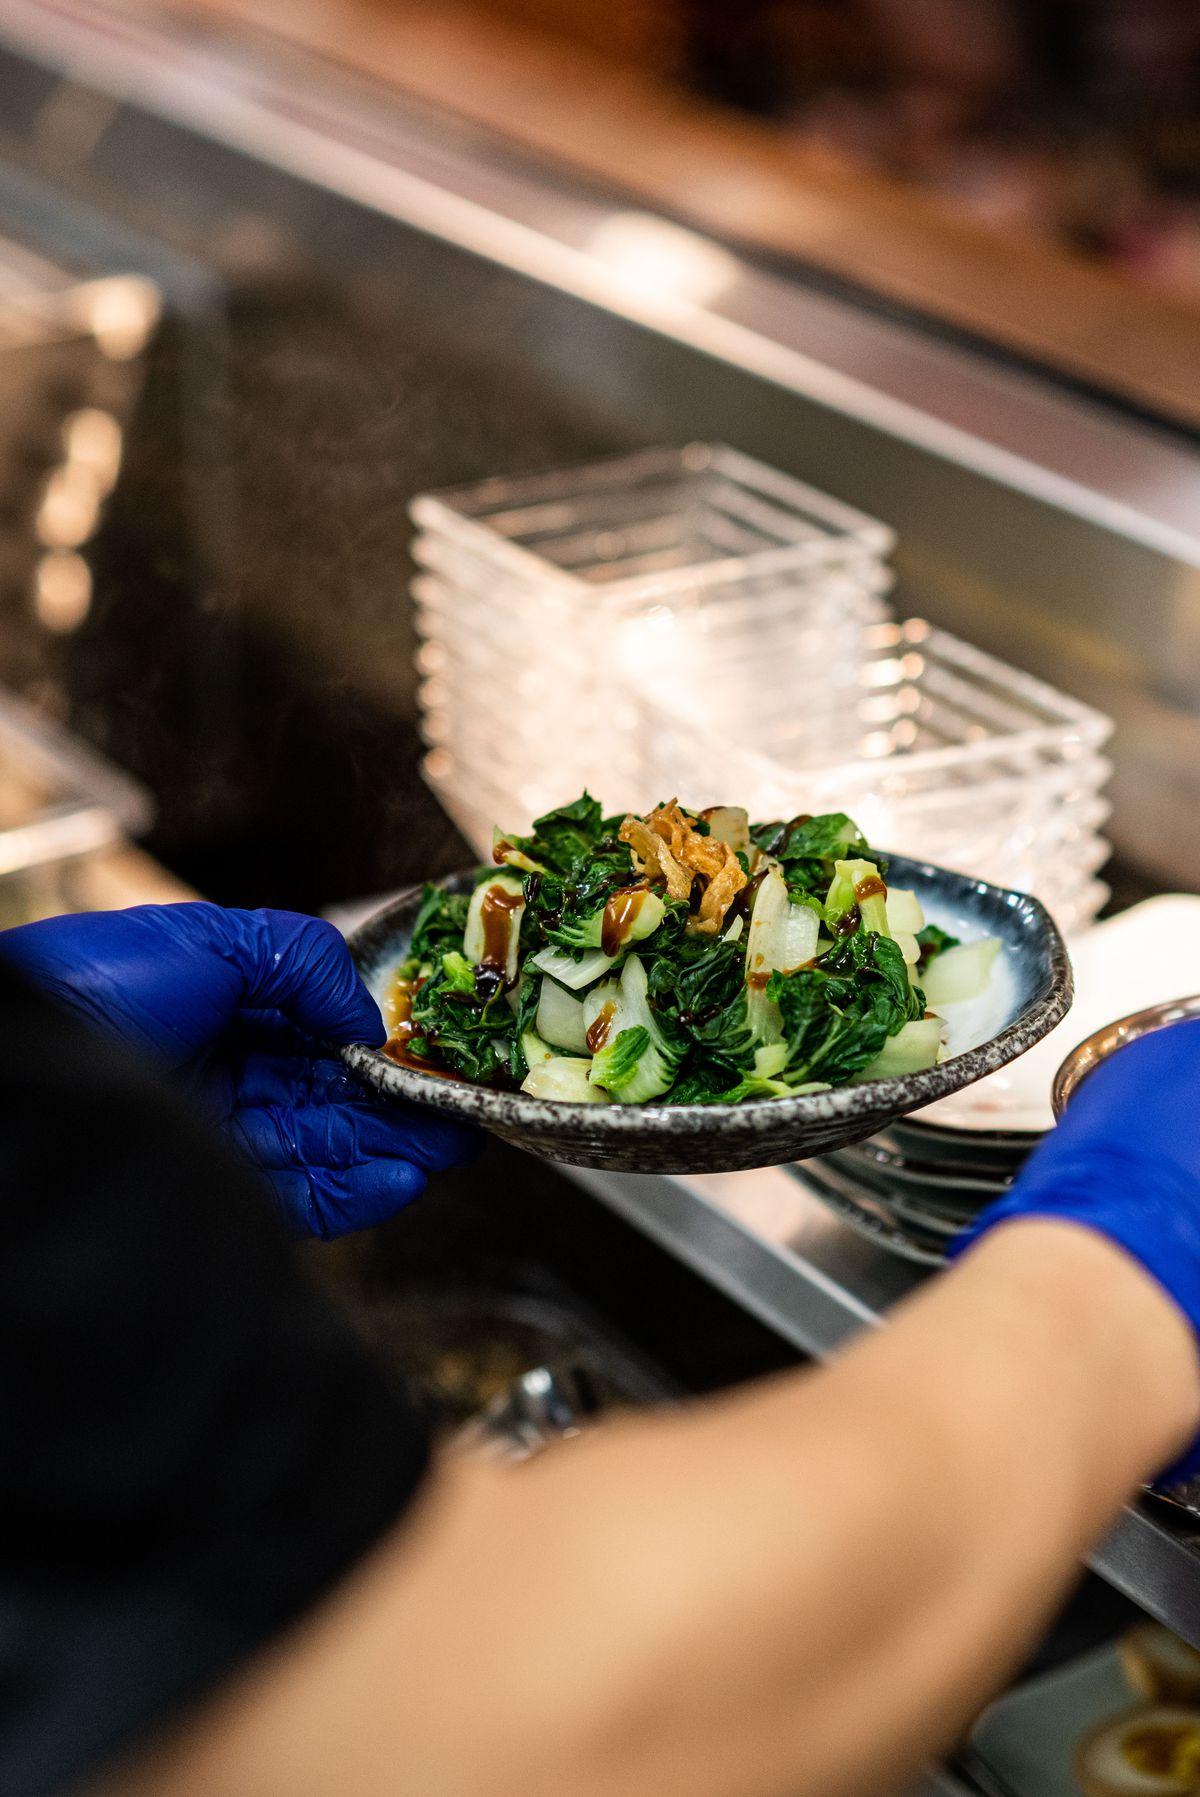 Braised greens being prepared in a kitchen.